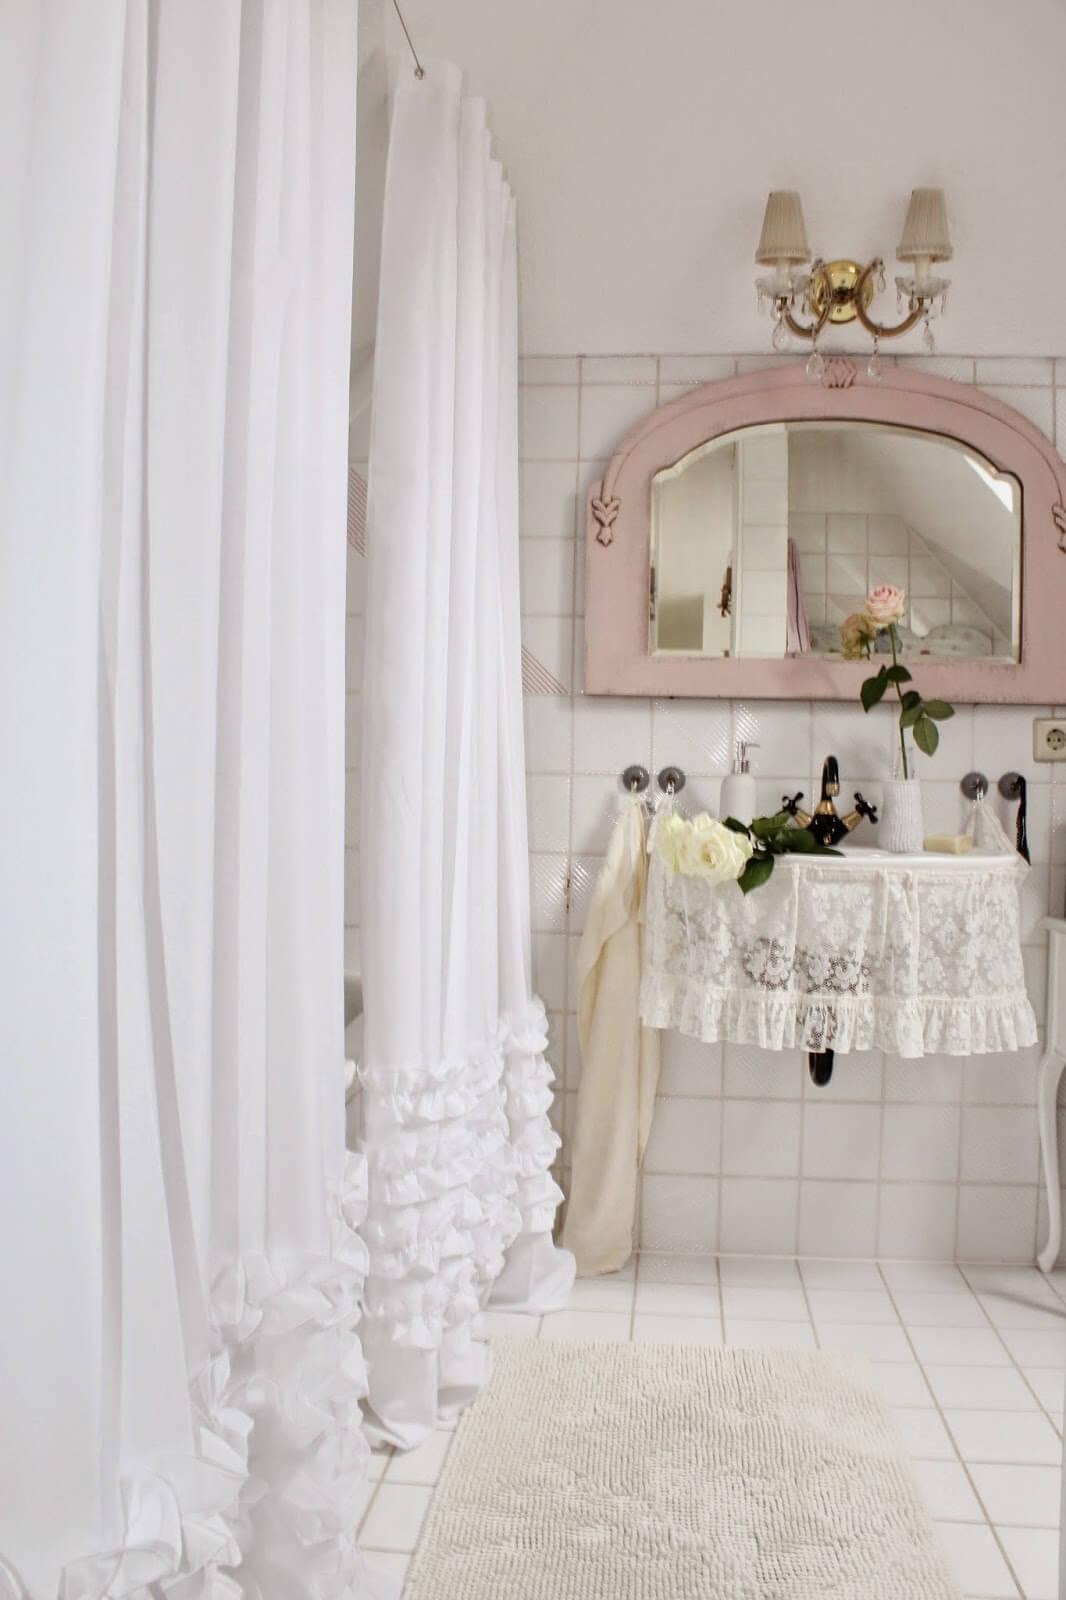 Jolis rideaux de douche et d'évier à volants